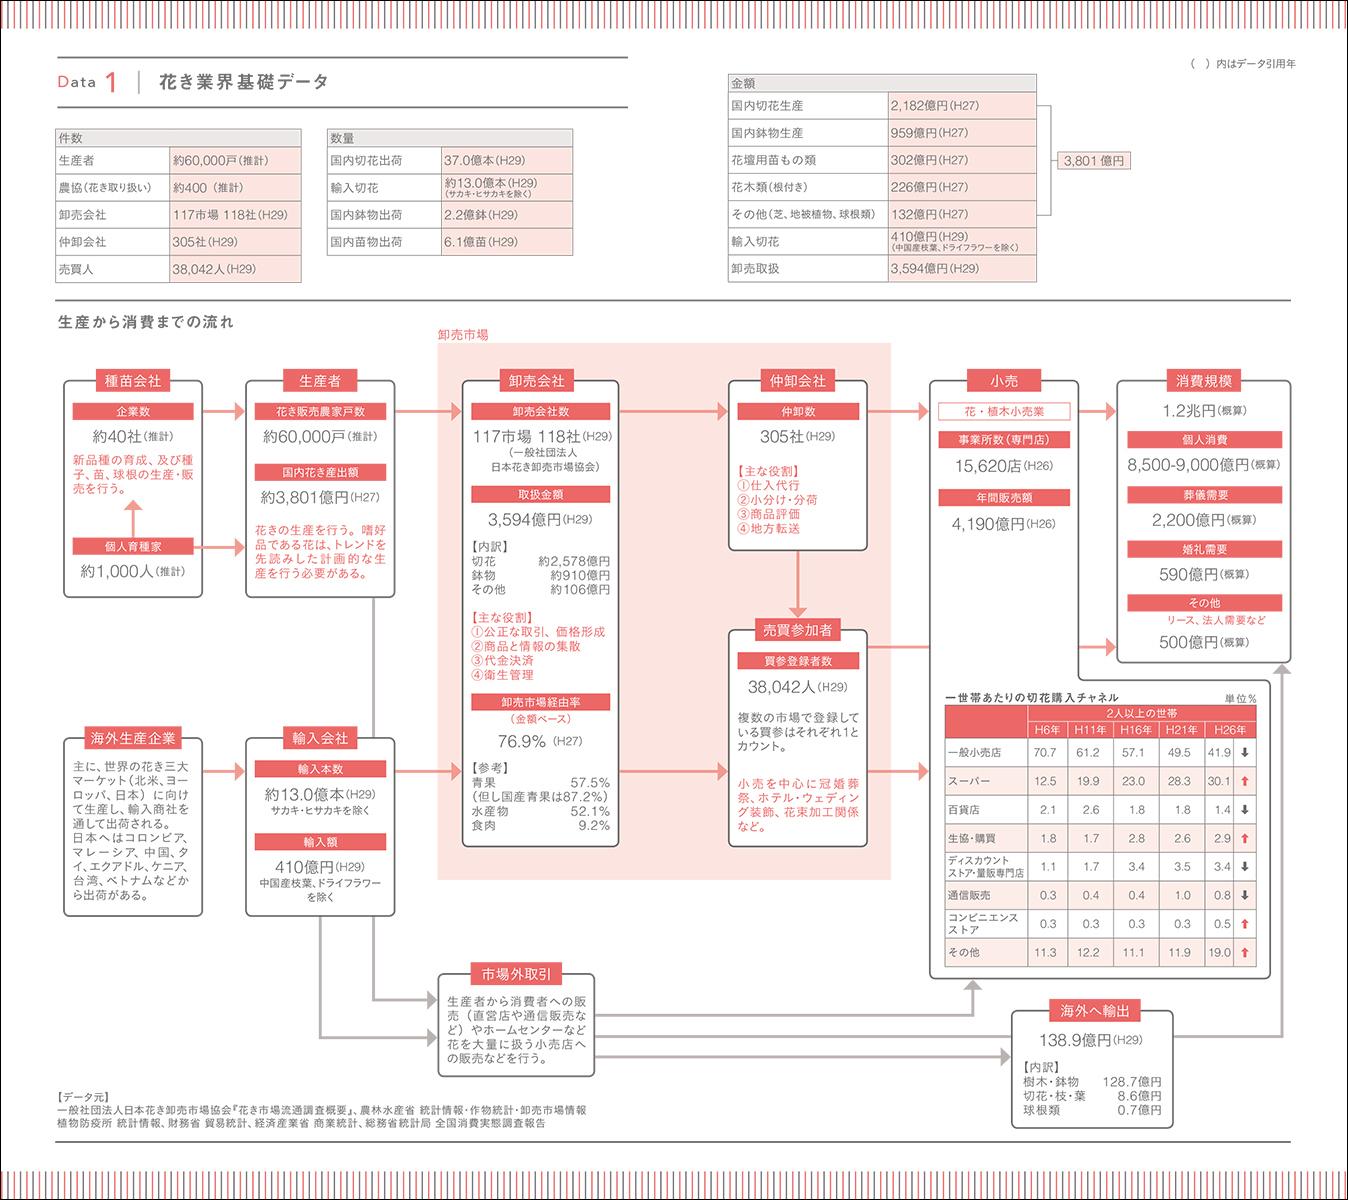 花き業界基礎データ